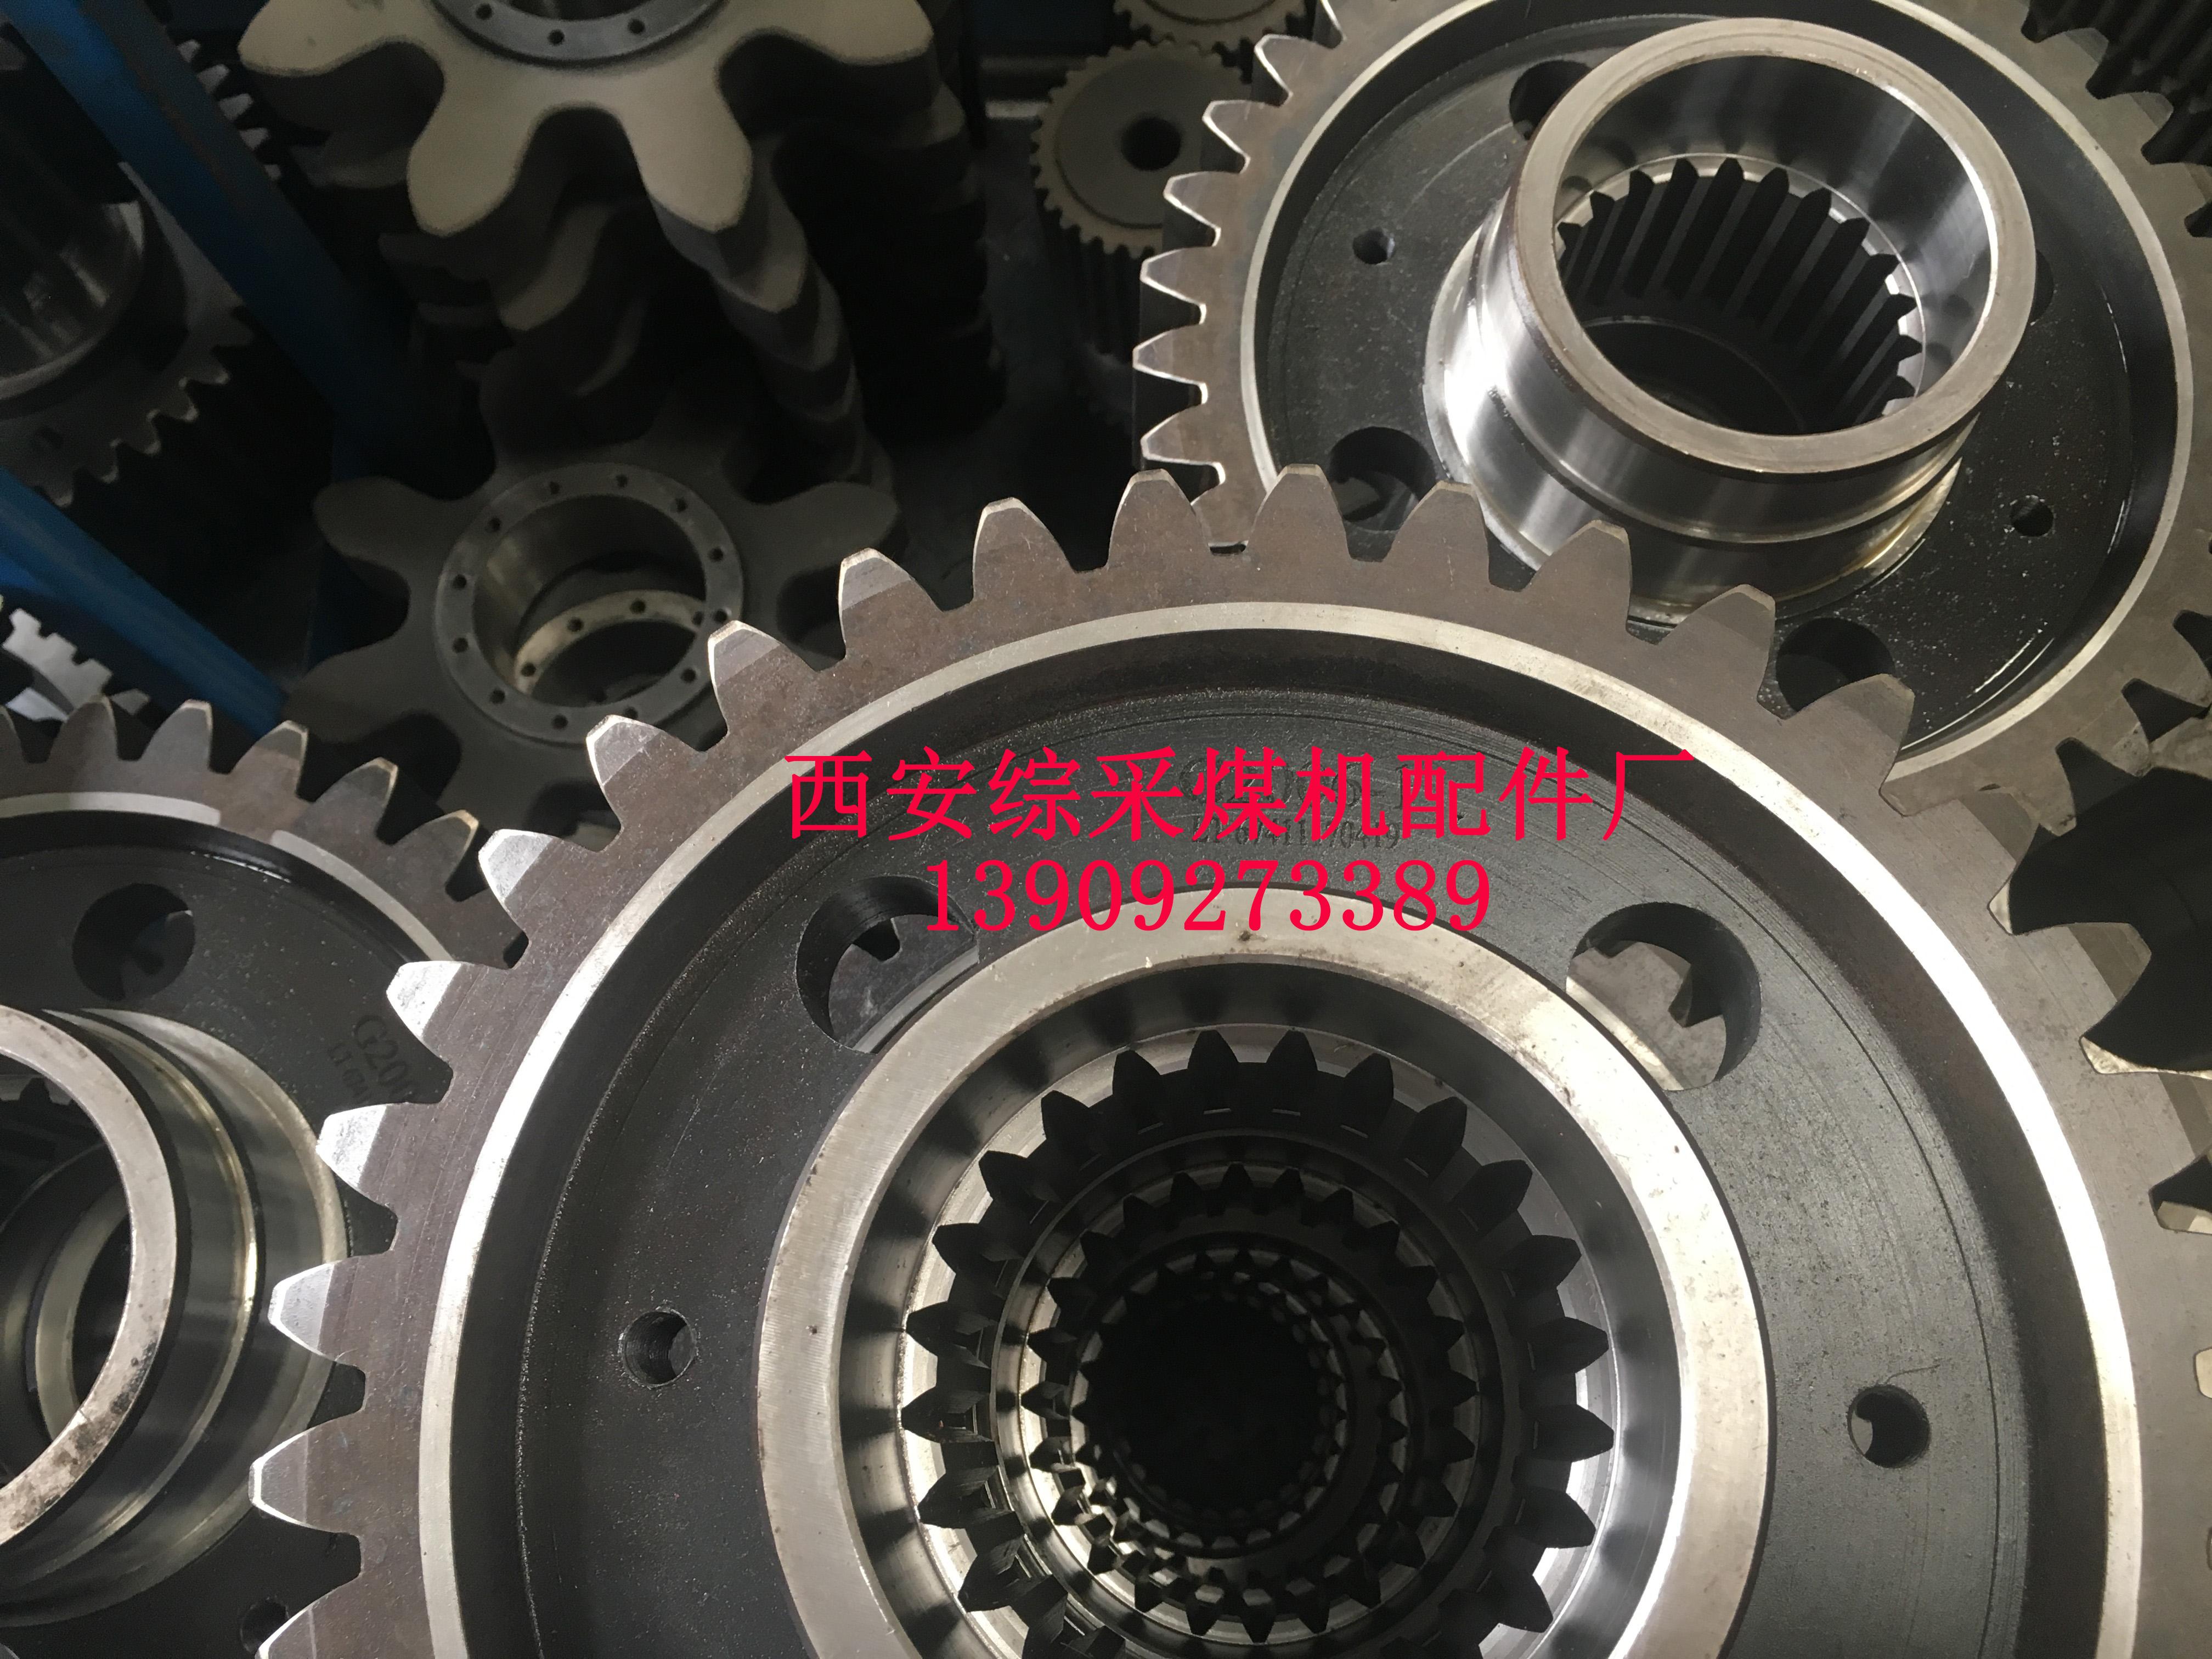 西安煤机齿轮 生产西安采煤机齿轮 直销西安煤机齿轮 西煤机齿轮加工